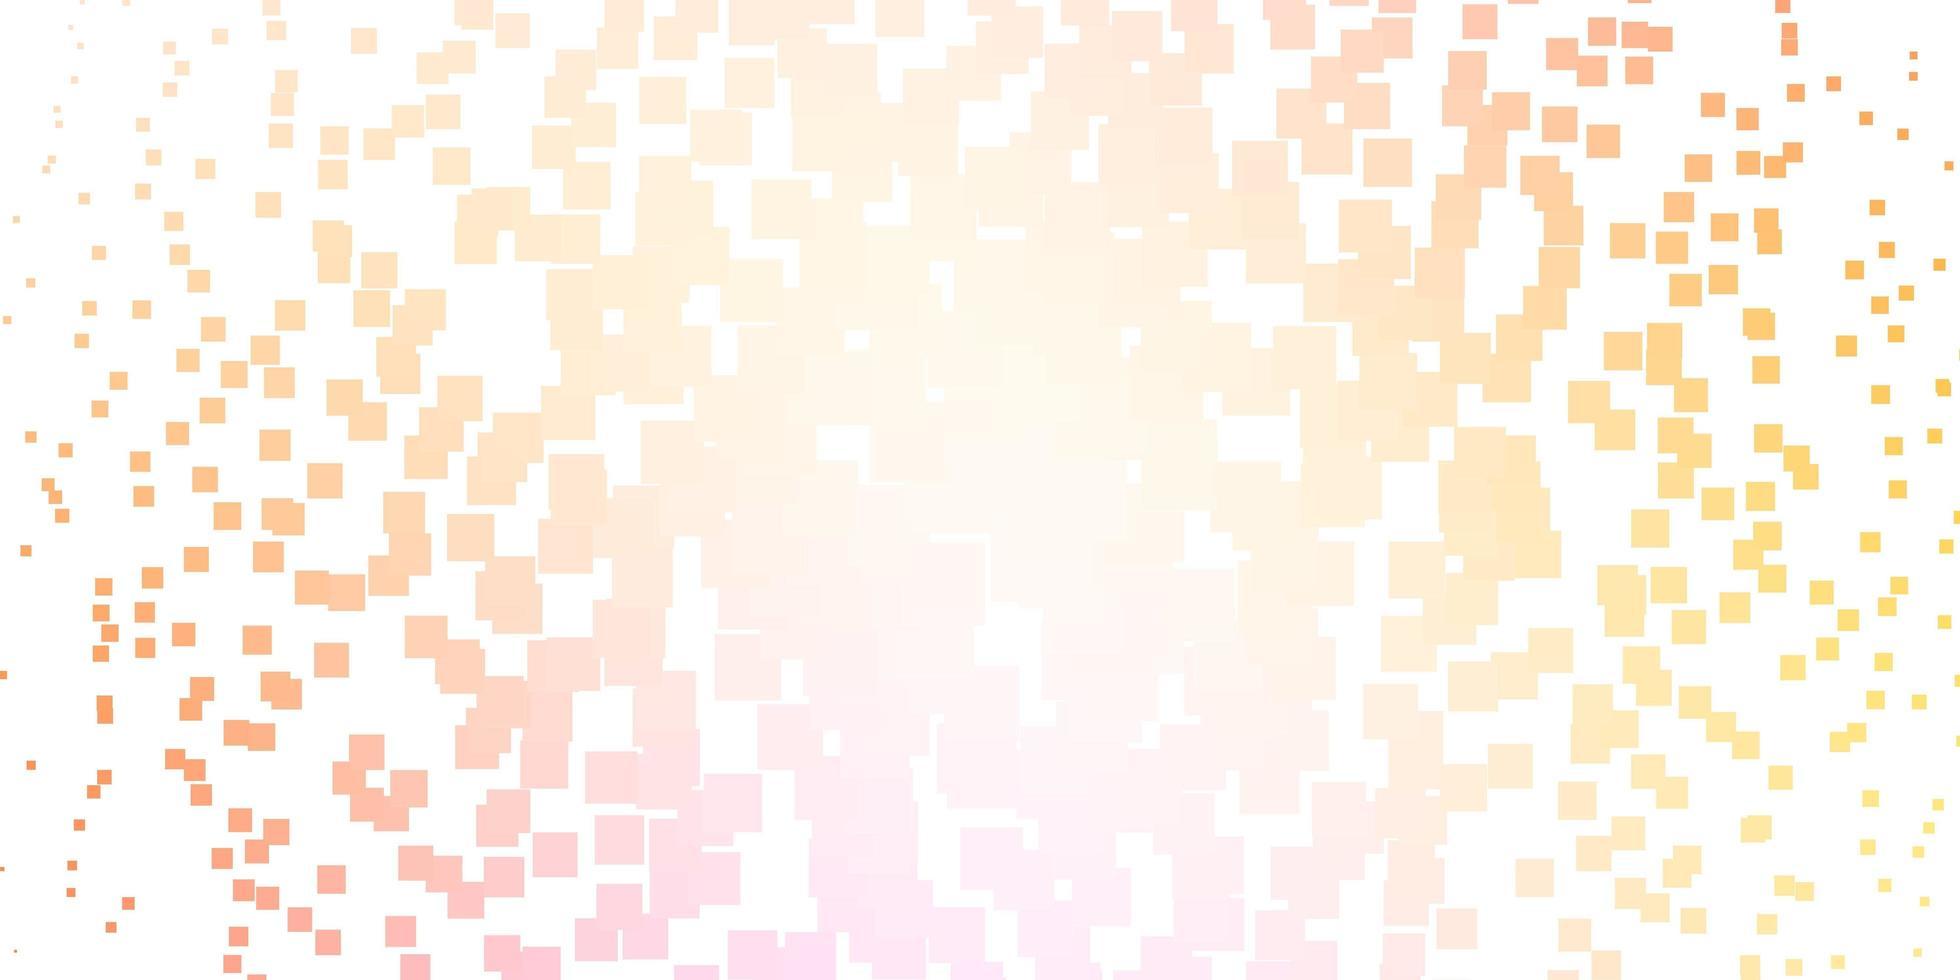 plantilla de vector de color rosa claro, amarillo con rectángulos.